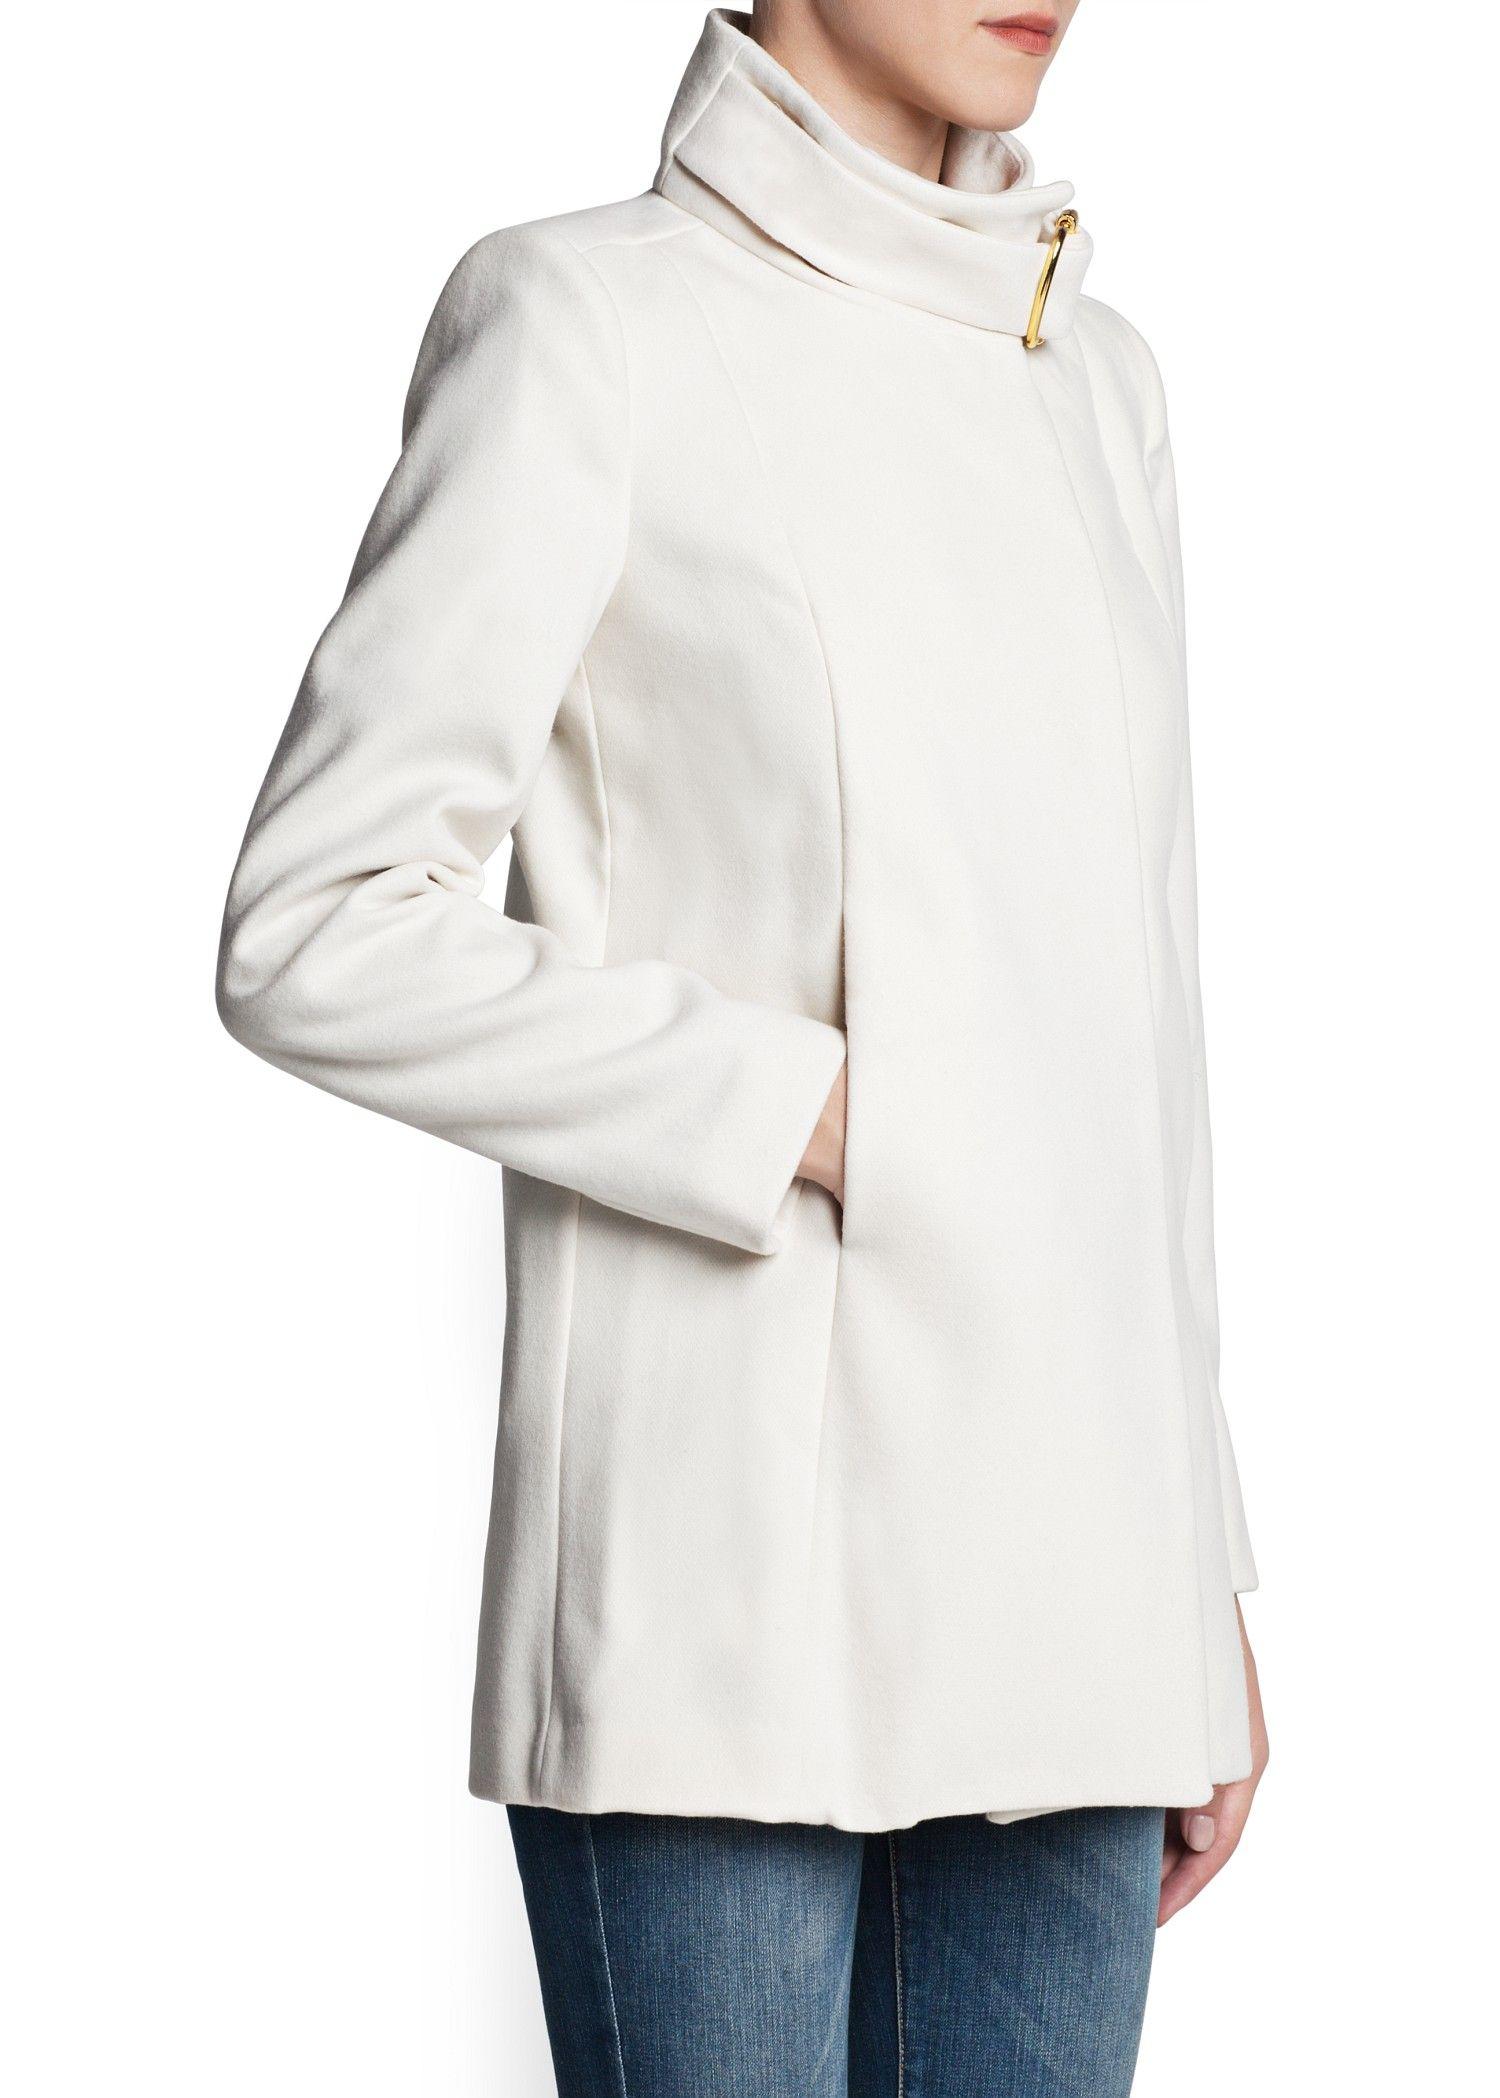 MANGO - CLOTHING - Coats - Funnel neck coat